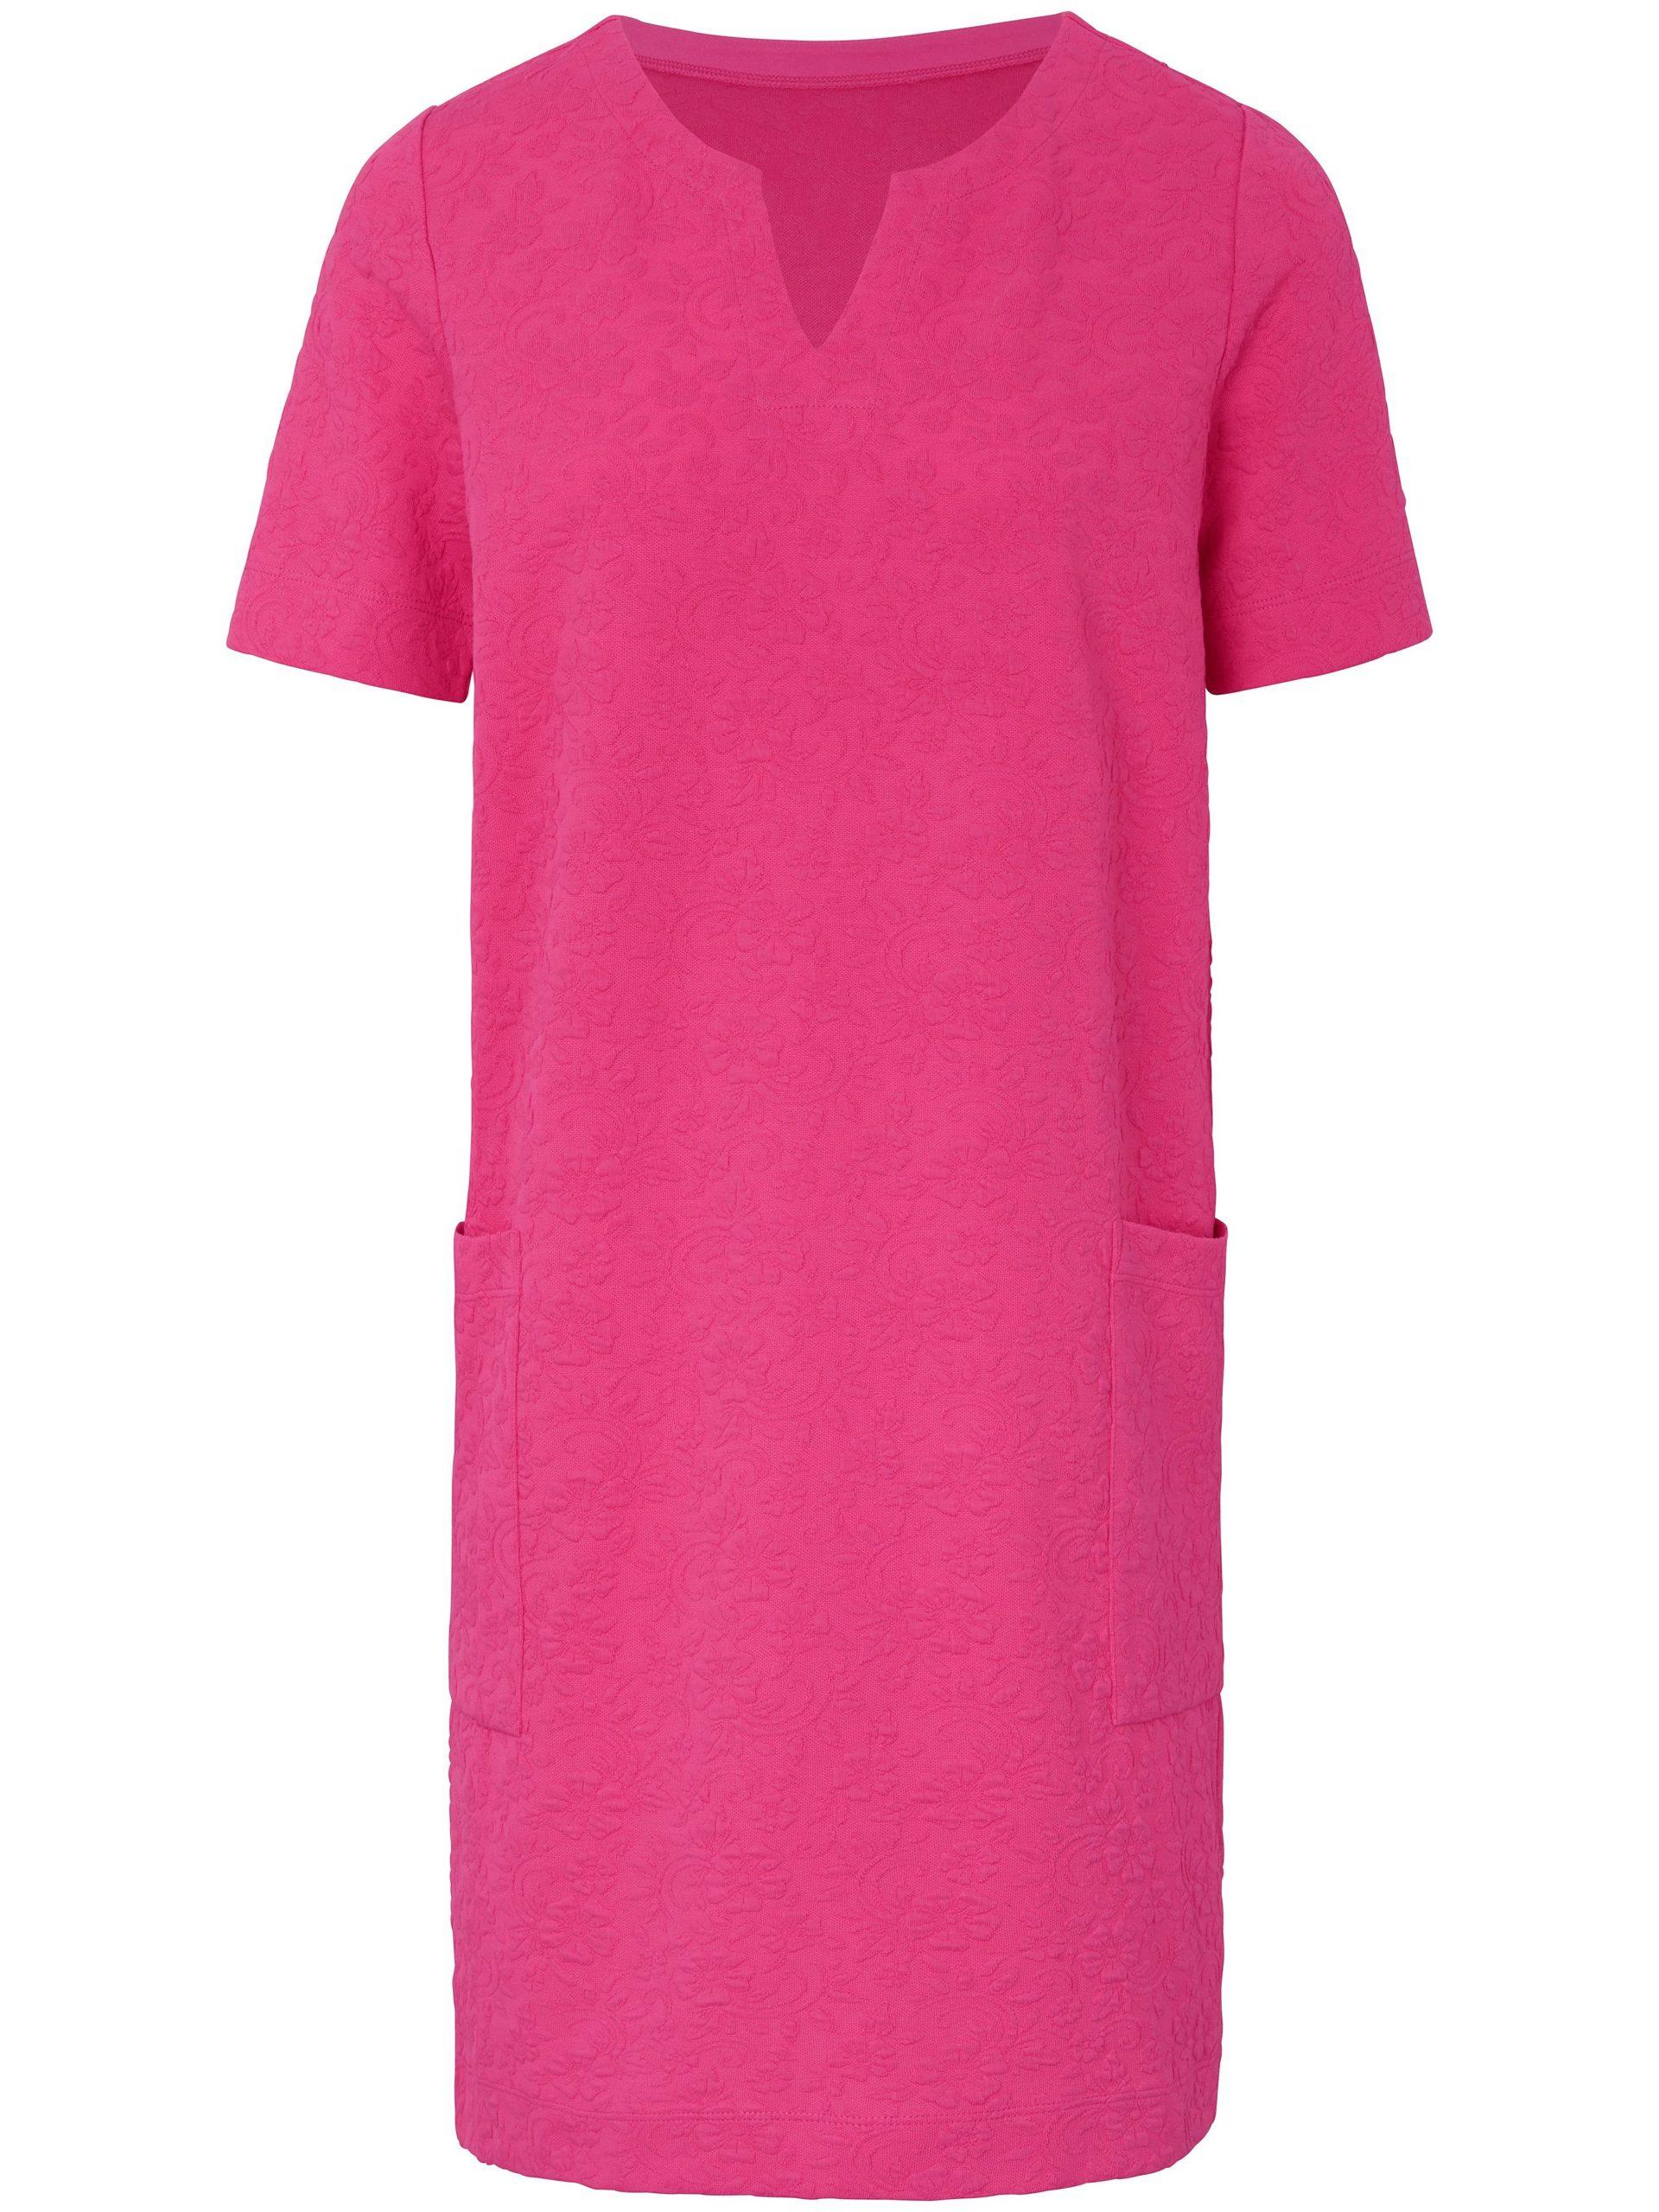 Jerseyjurk met korte mouwen Van MYBC roze Kopen